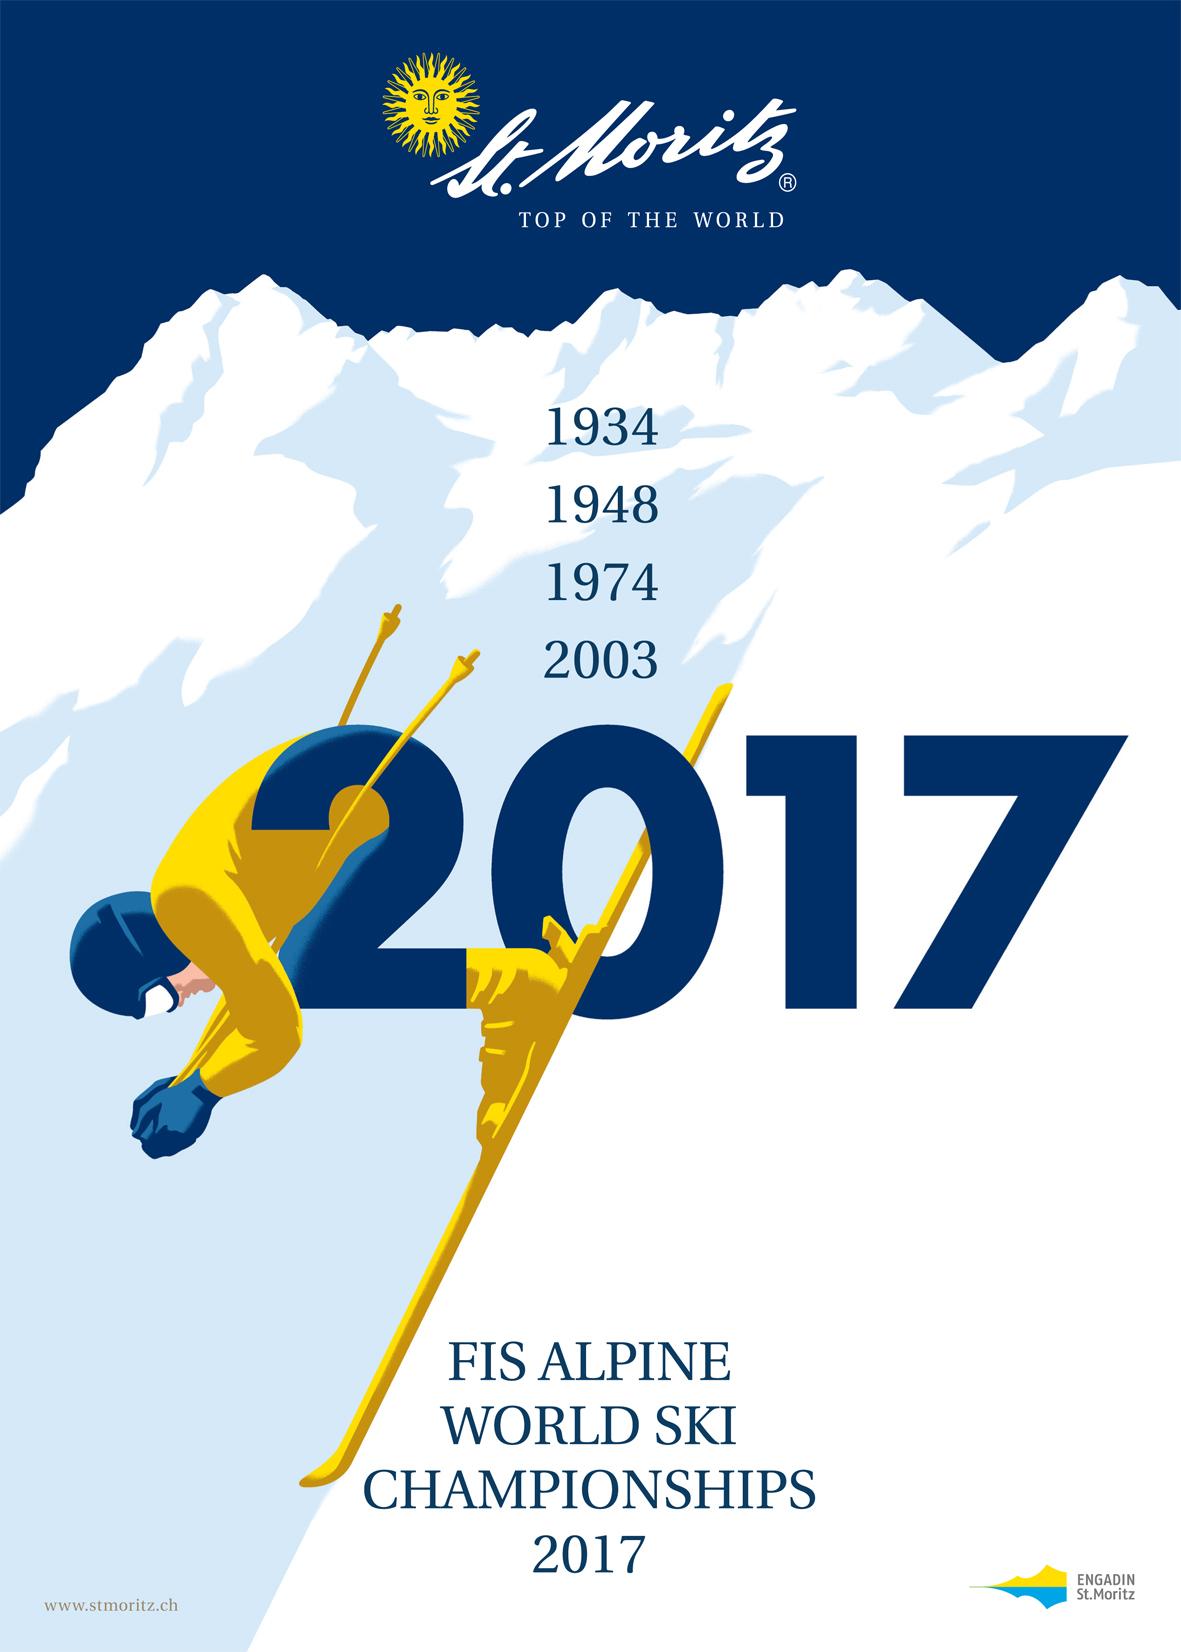 Imagesujet für St. Moritz Slide 1